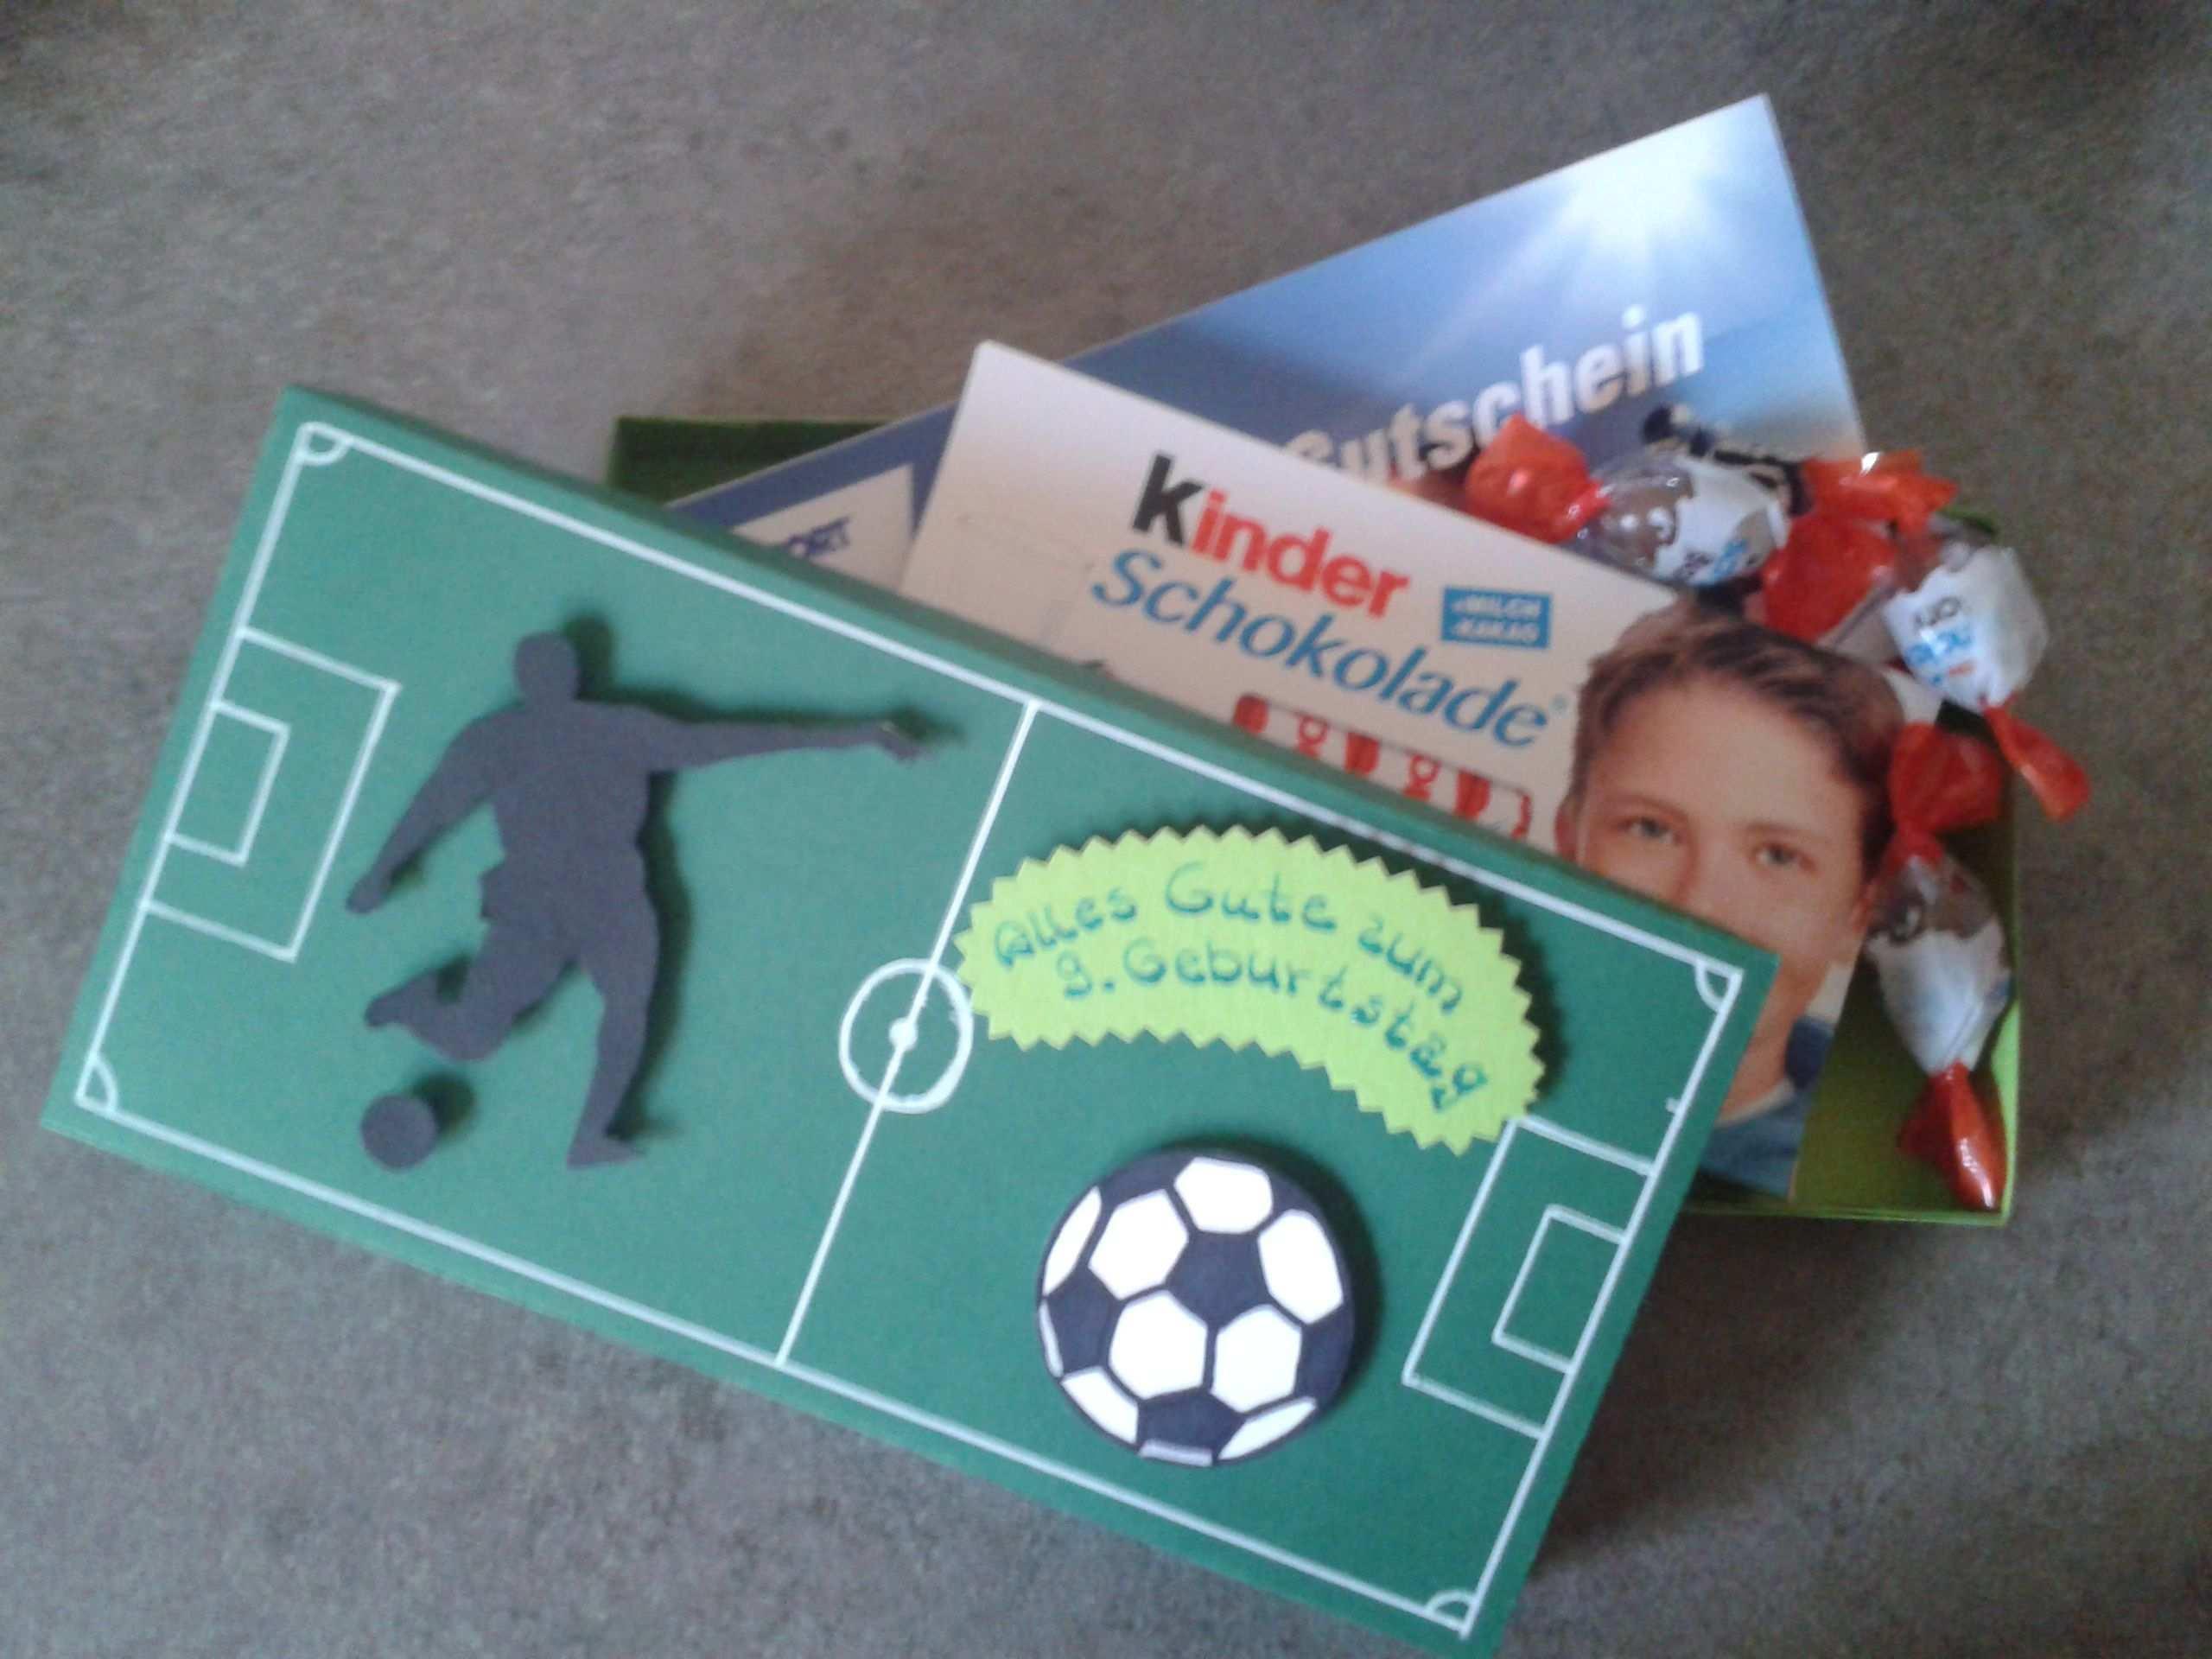 Gutschein Verschenken Kind Fussball Sport Gutscheine Verschenken Gutschein Verpacken Kinder Gutschein Verpacken Kindergeburtstag